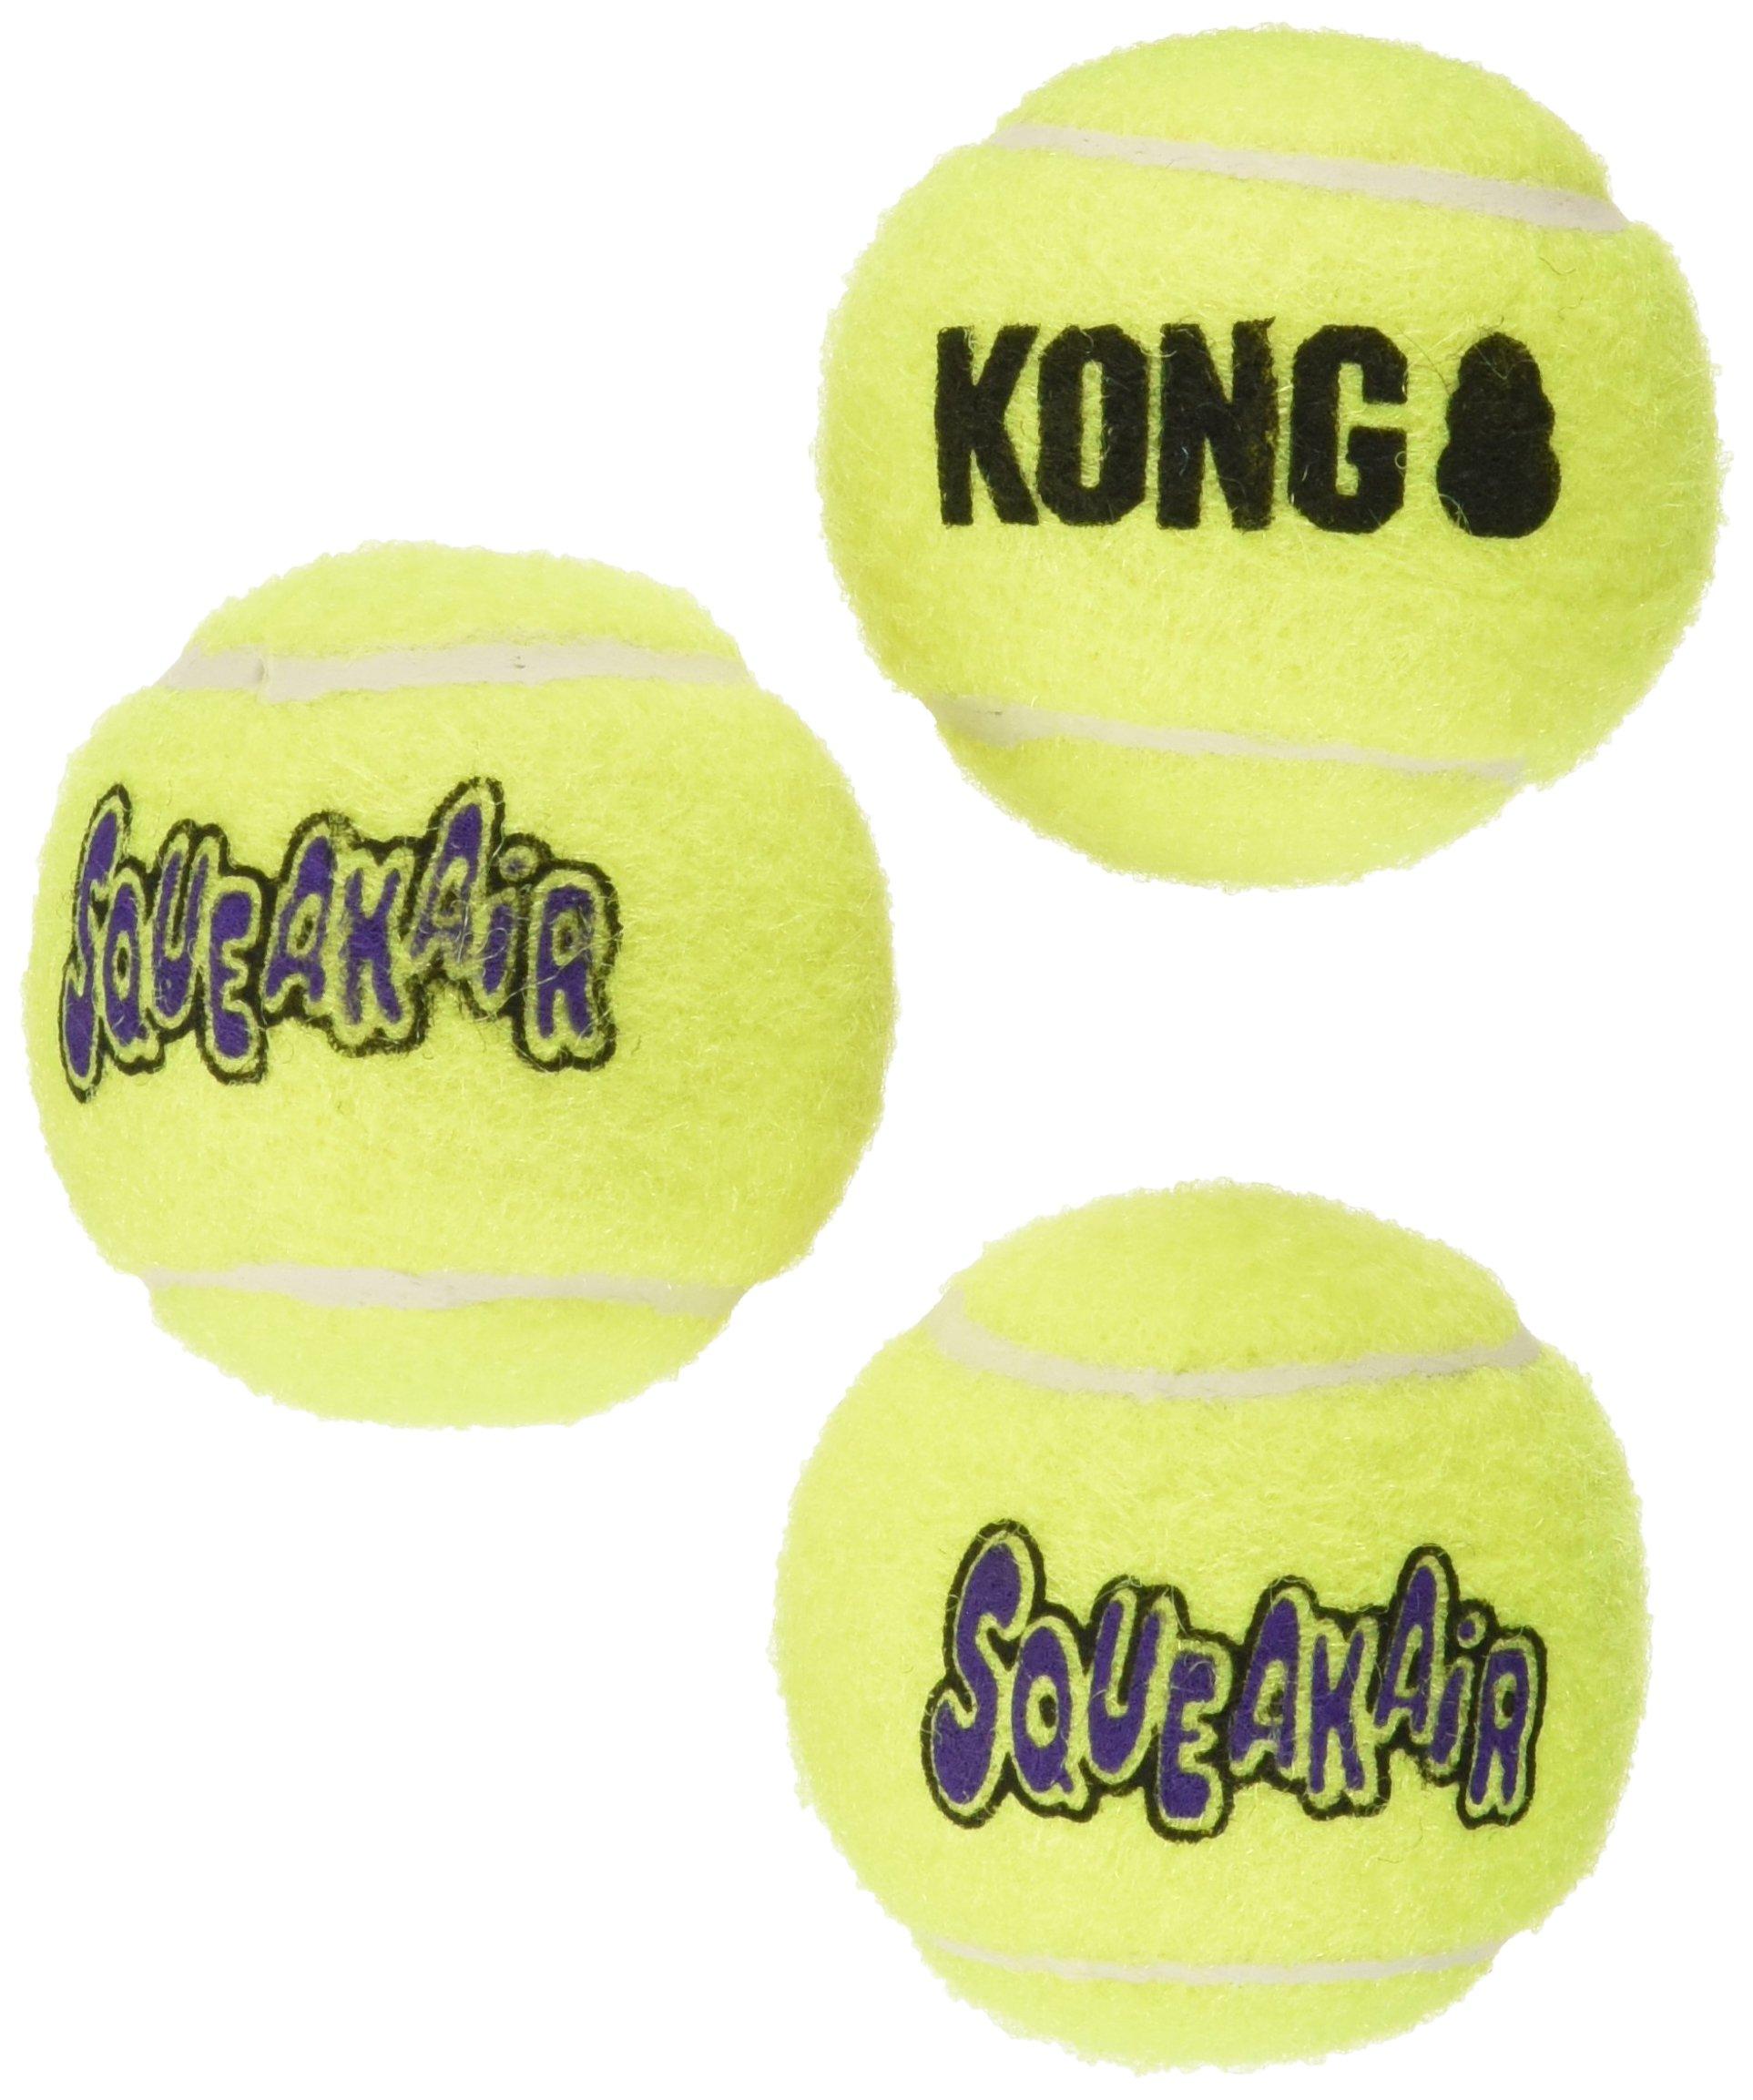 KONG3 Piece Air Squeaker Tennis Balls (3 Pack), Small 9 Balls